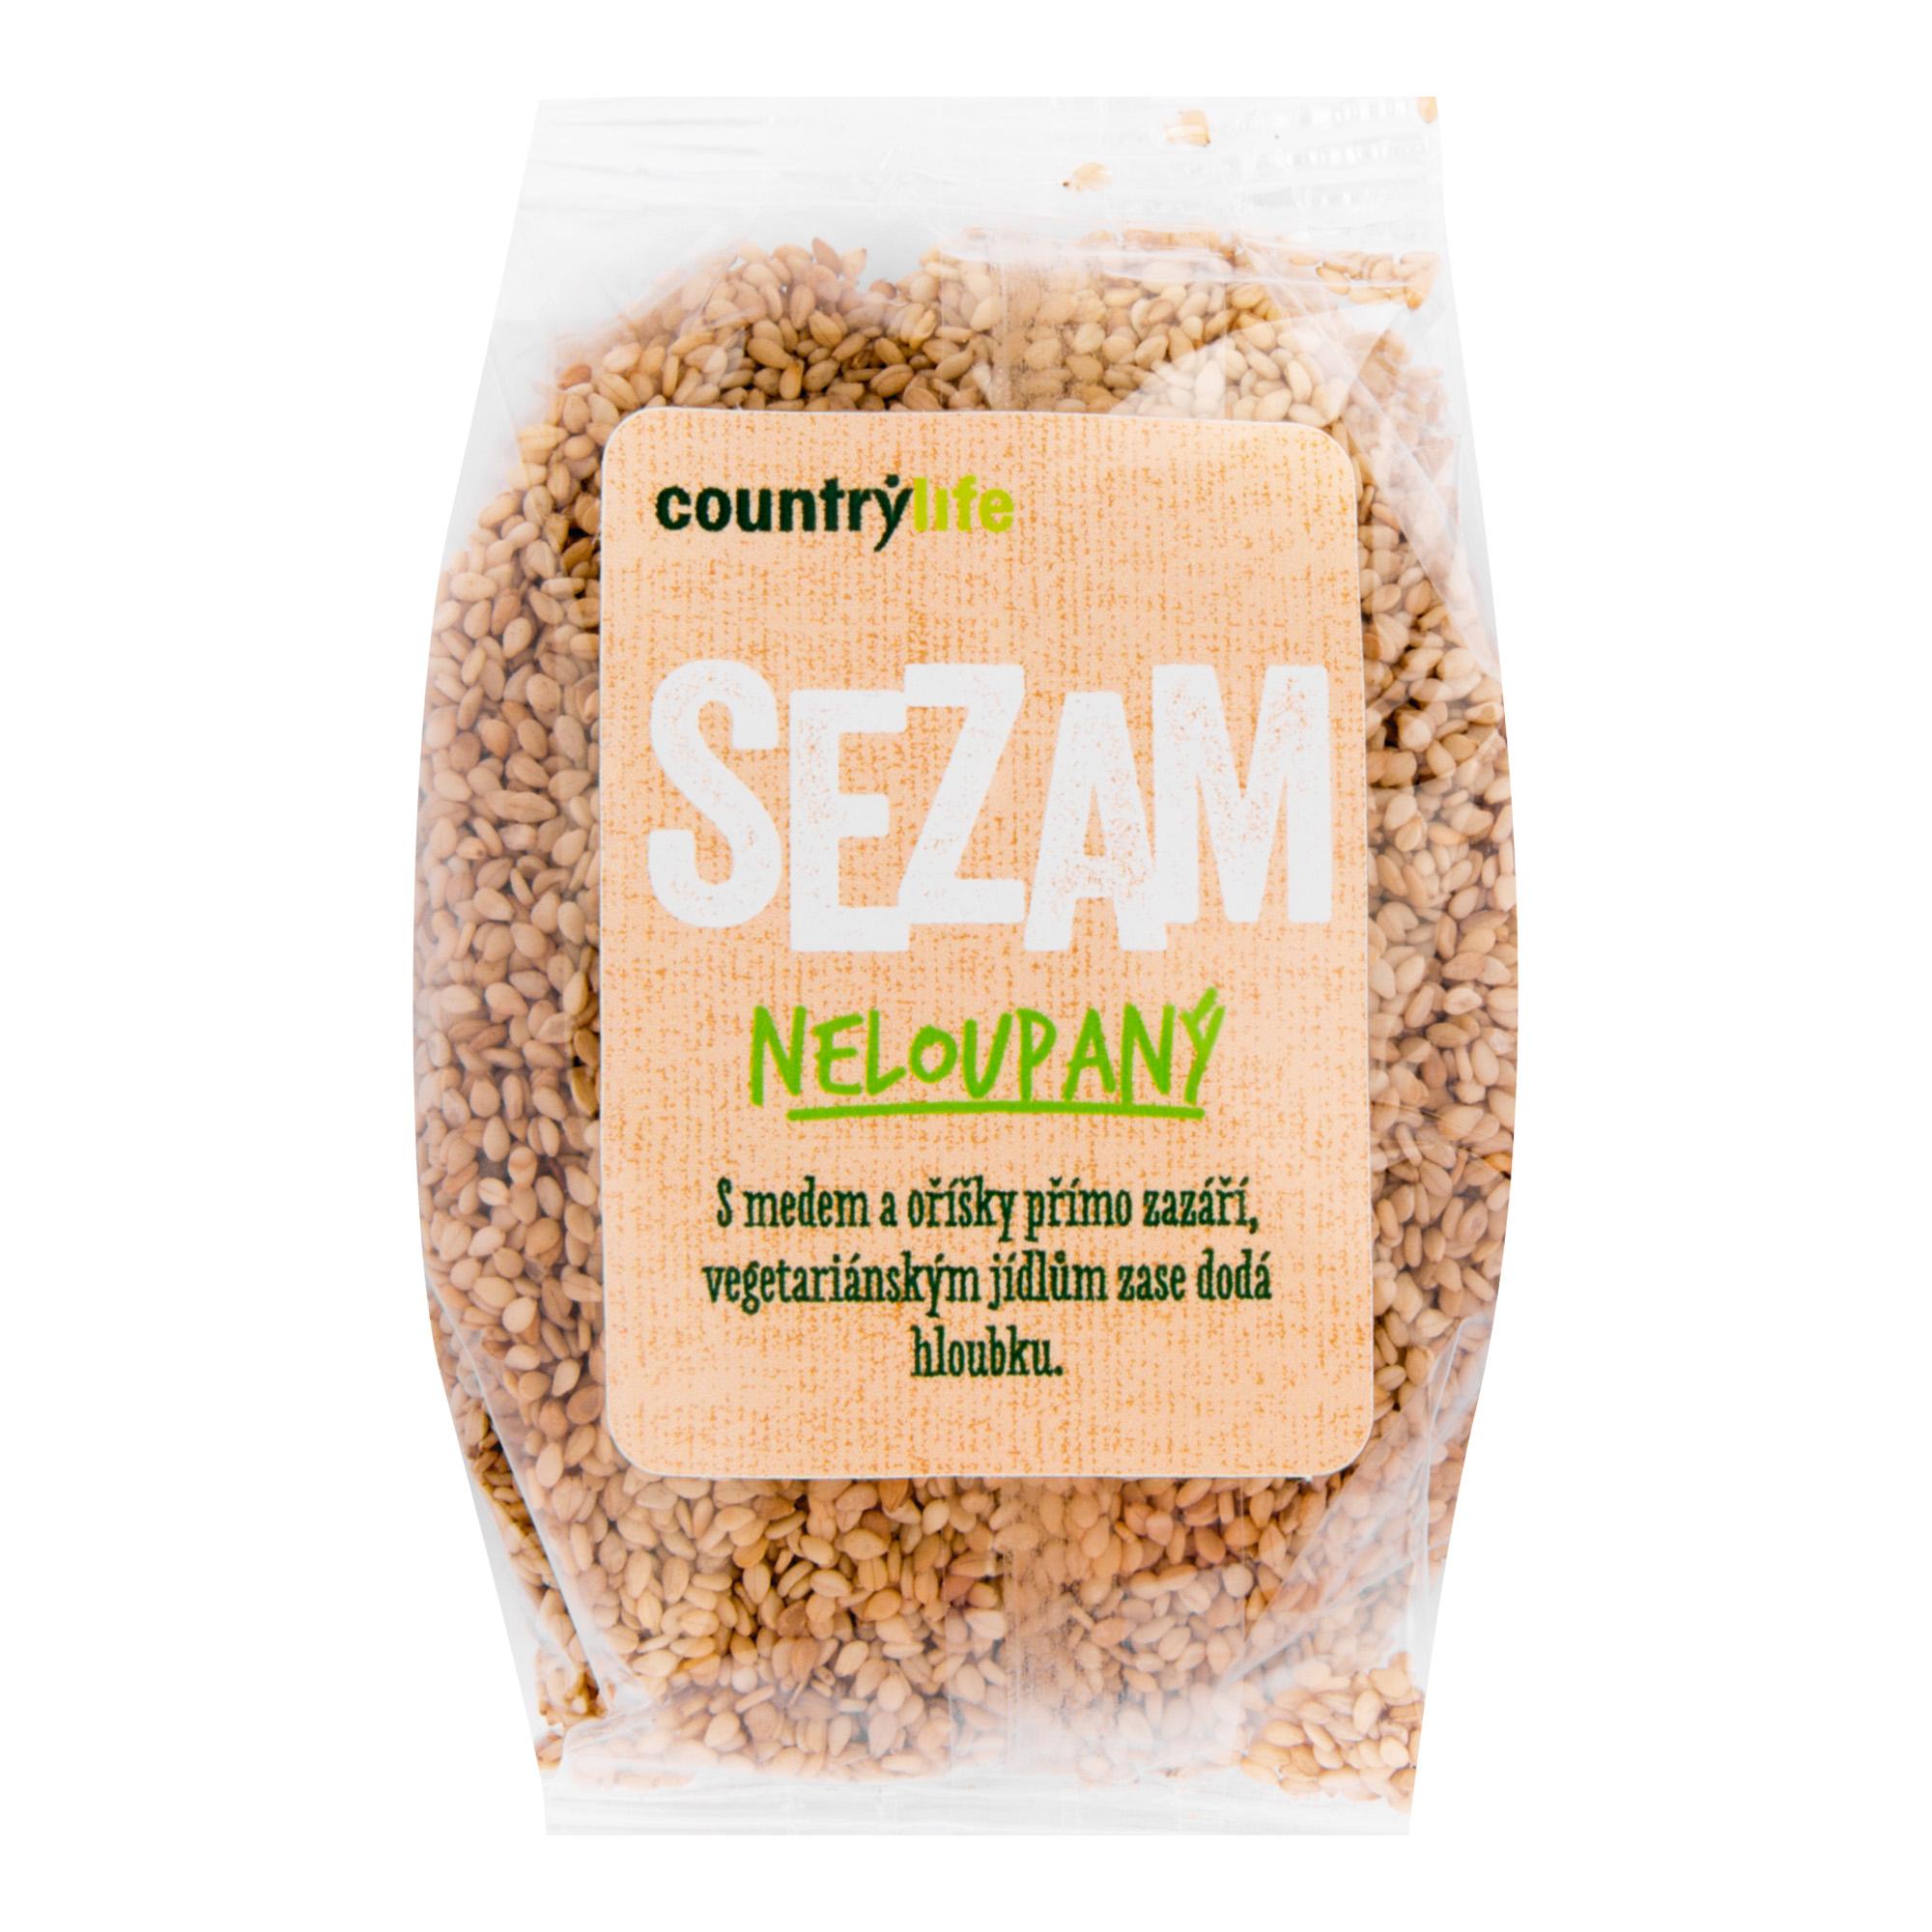 Sezam neloupaný 100g   COUNTRYLIFE